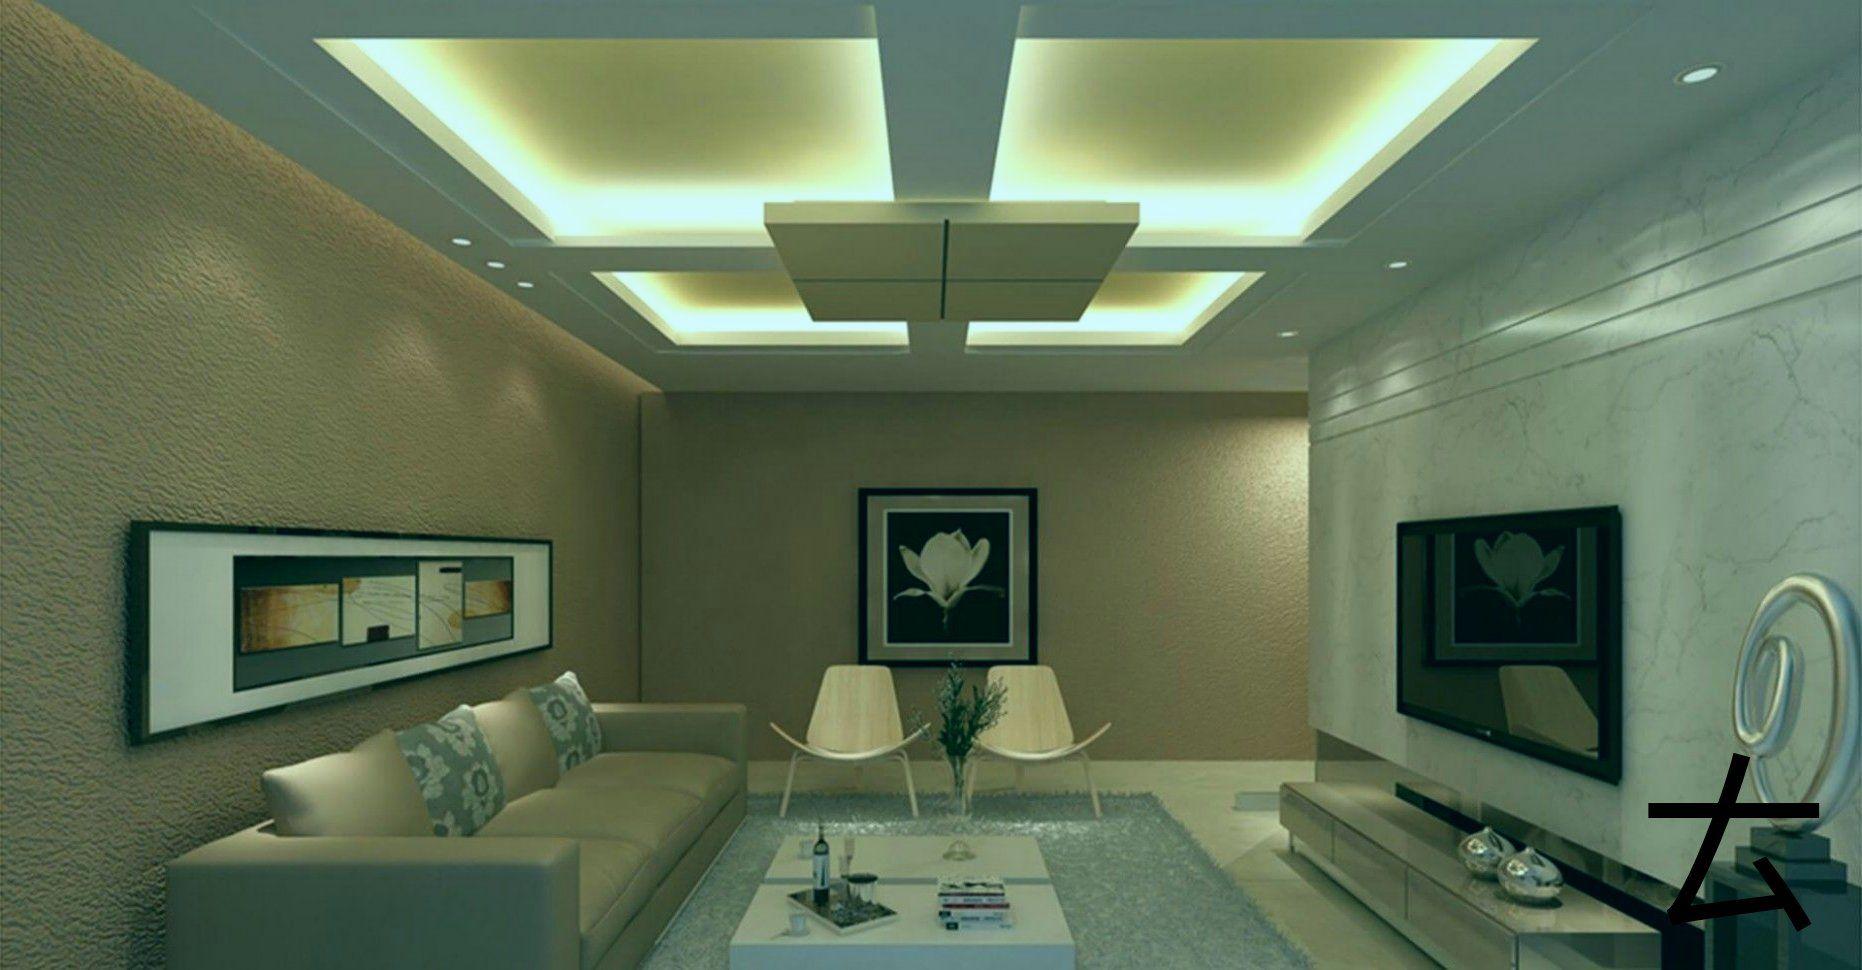 Modernes Gipskarton Design Fur Das Wohnzimmer Das Fur Gipskartondesign Gypsumceil Ceiling Design Living Room Ceiling Design Bedroom Ceiling Design Modern